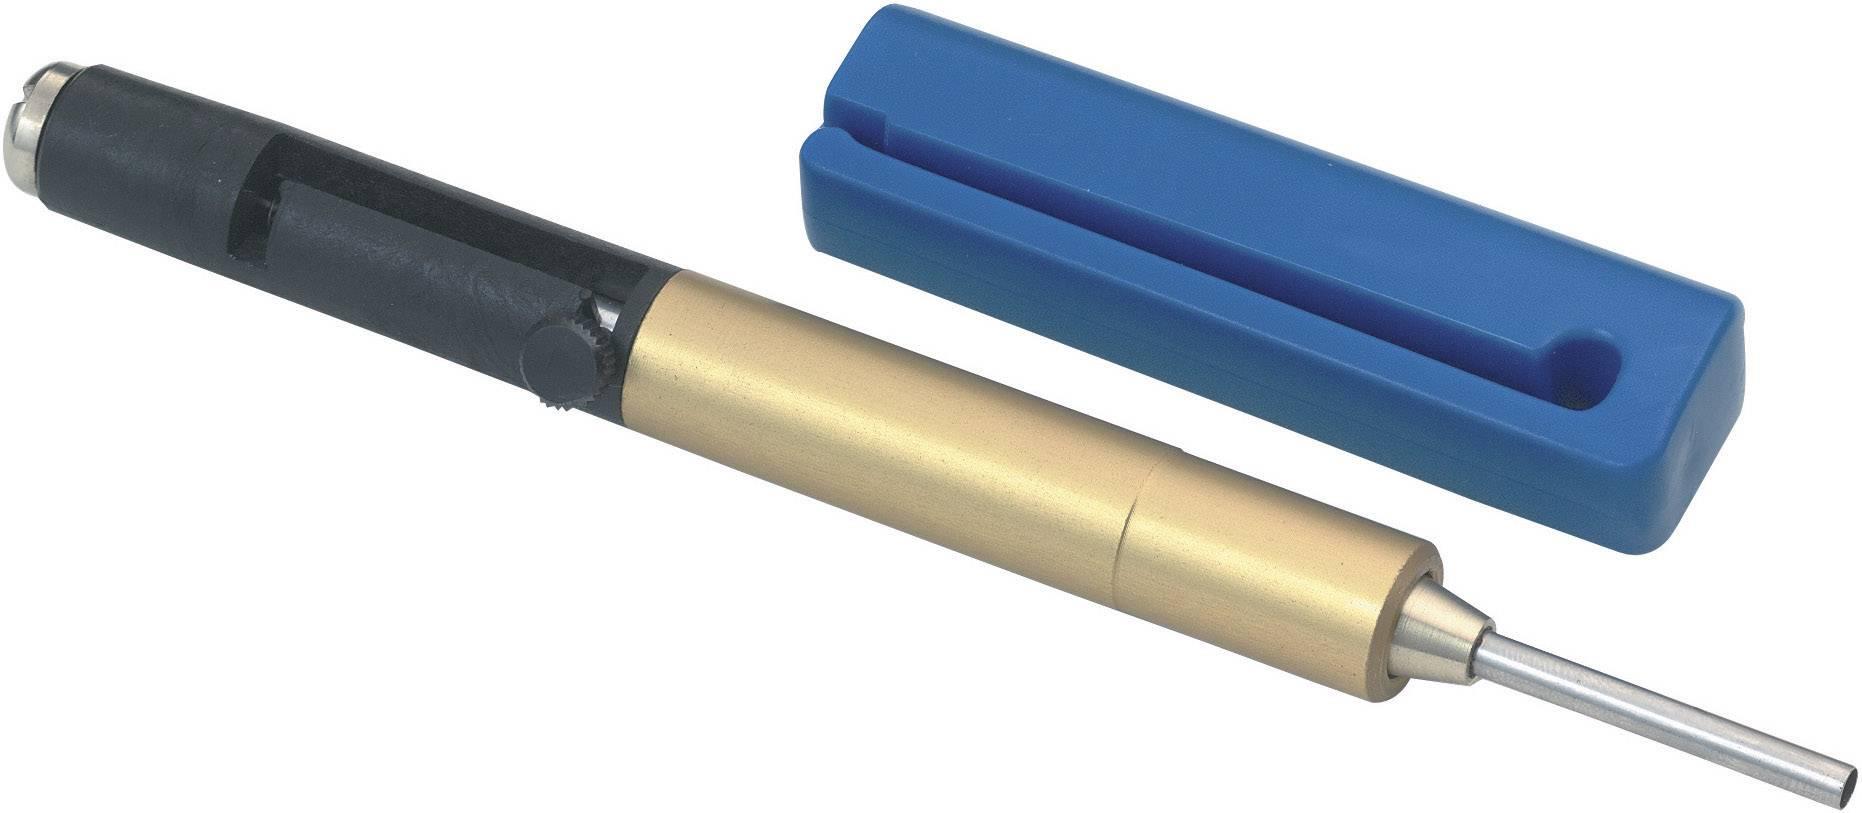 EPIC uvolňovací nástroj 11161000 LappKabel 1 ks